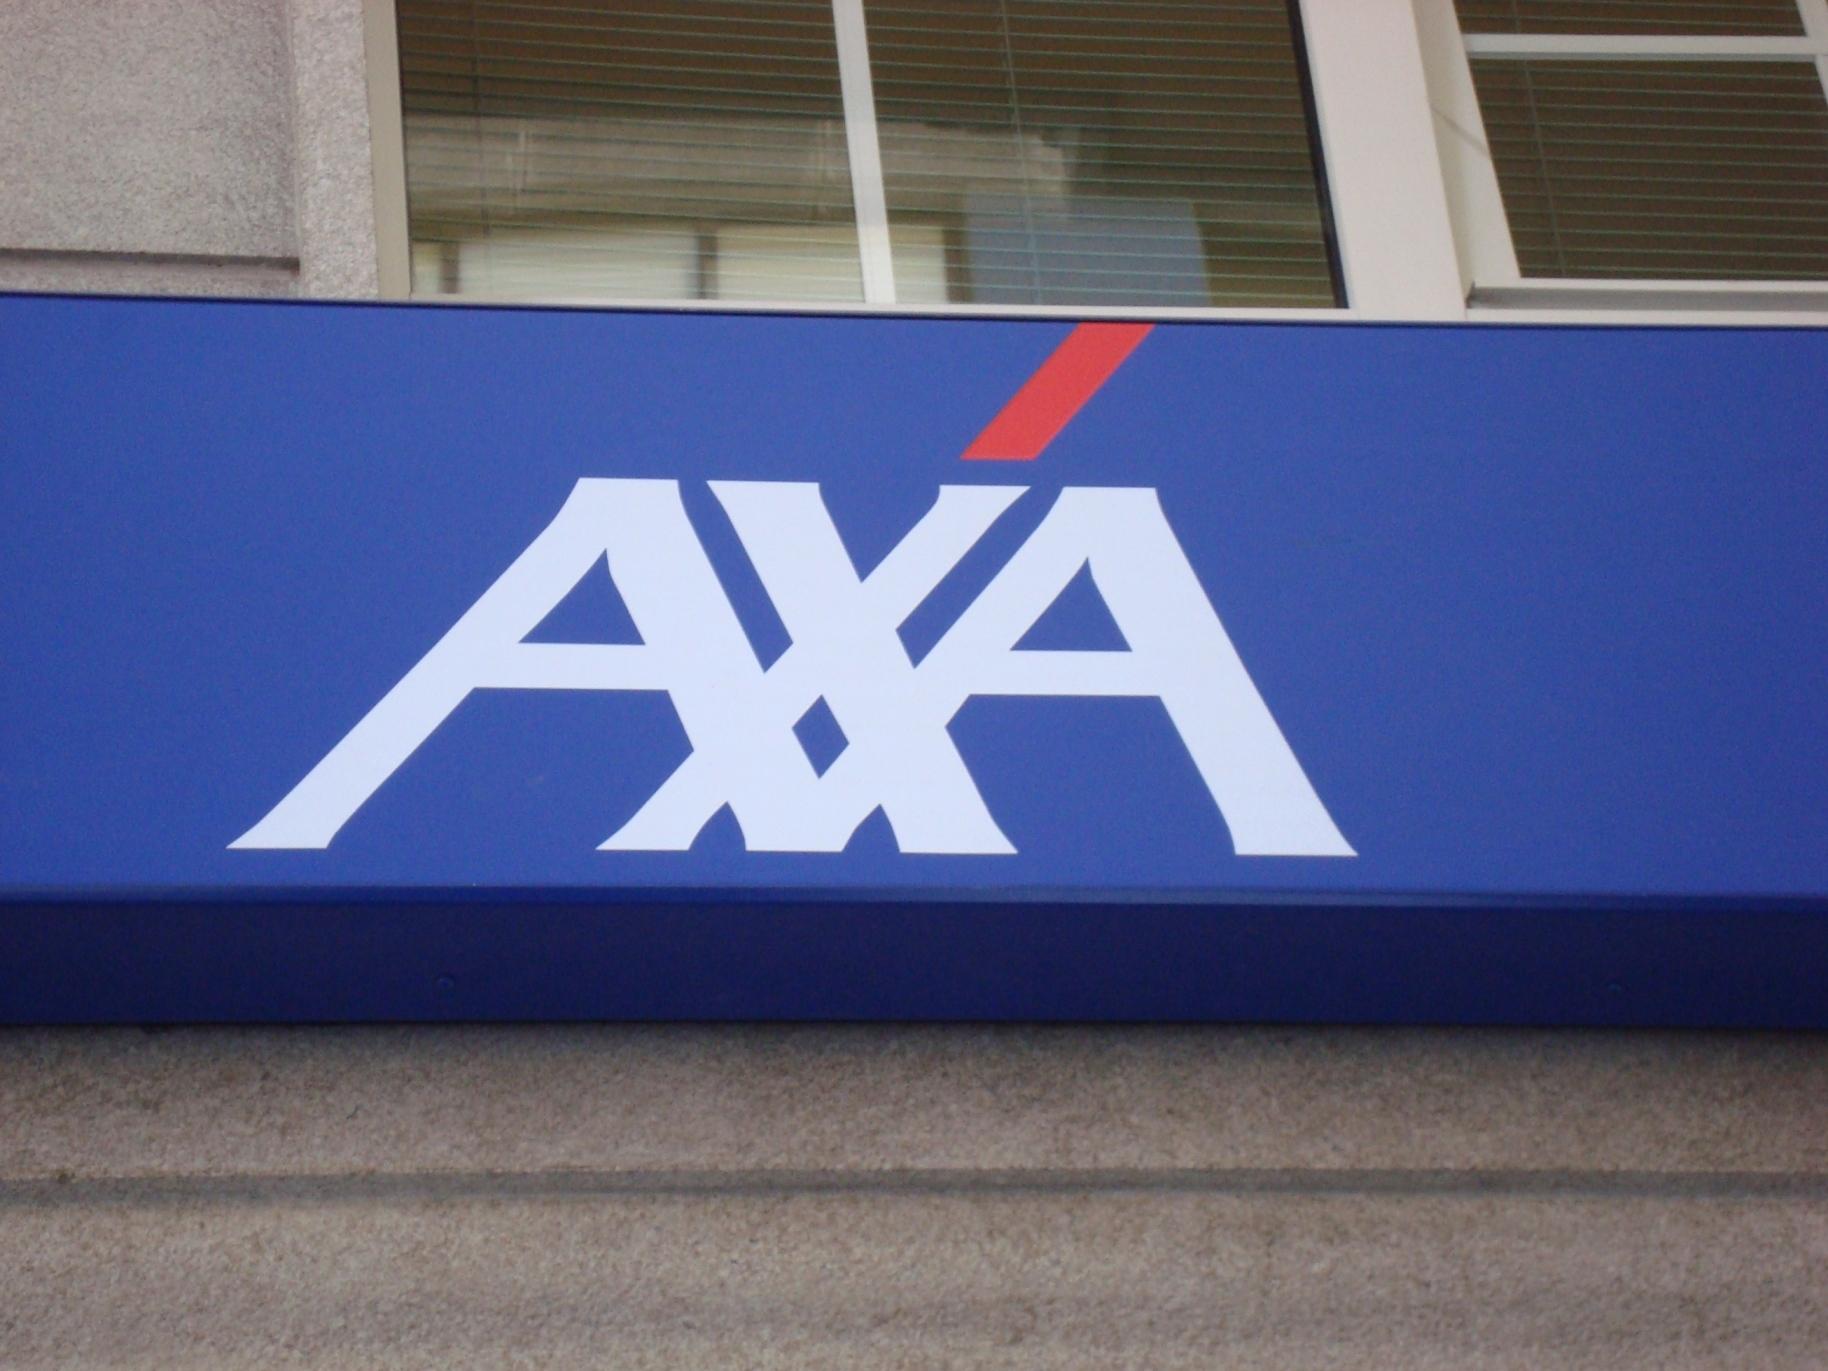 Oficinas axa luclimat for Axa seguros sevilla oficinas